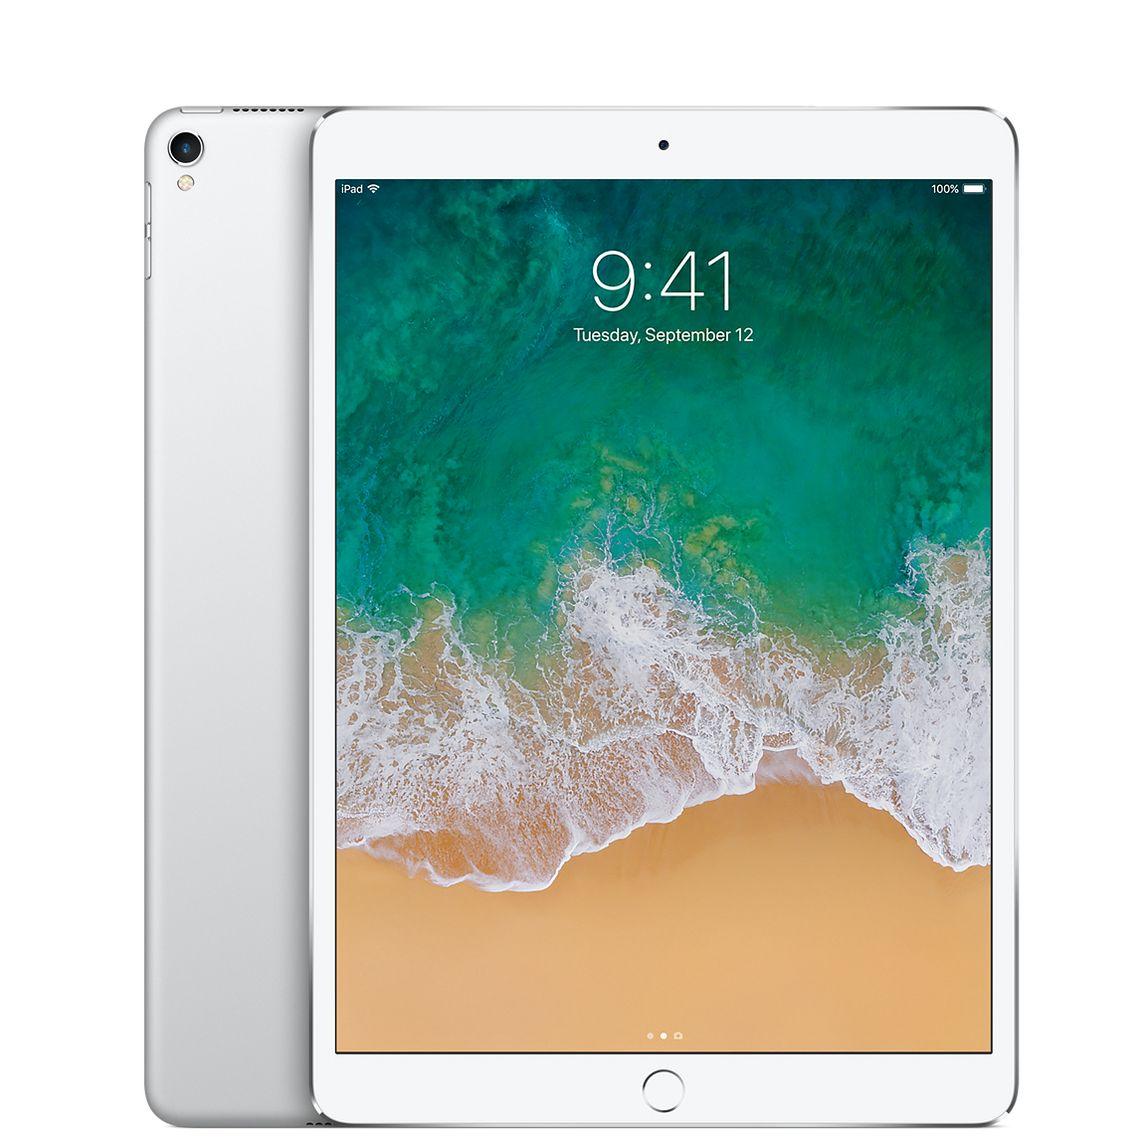 Refurbished 10.5-inch iPad Pro Wi-Fi 64GB - Silver - Apple